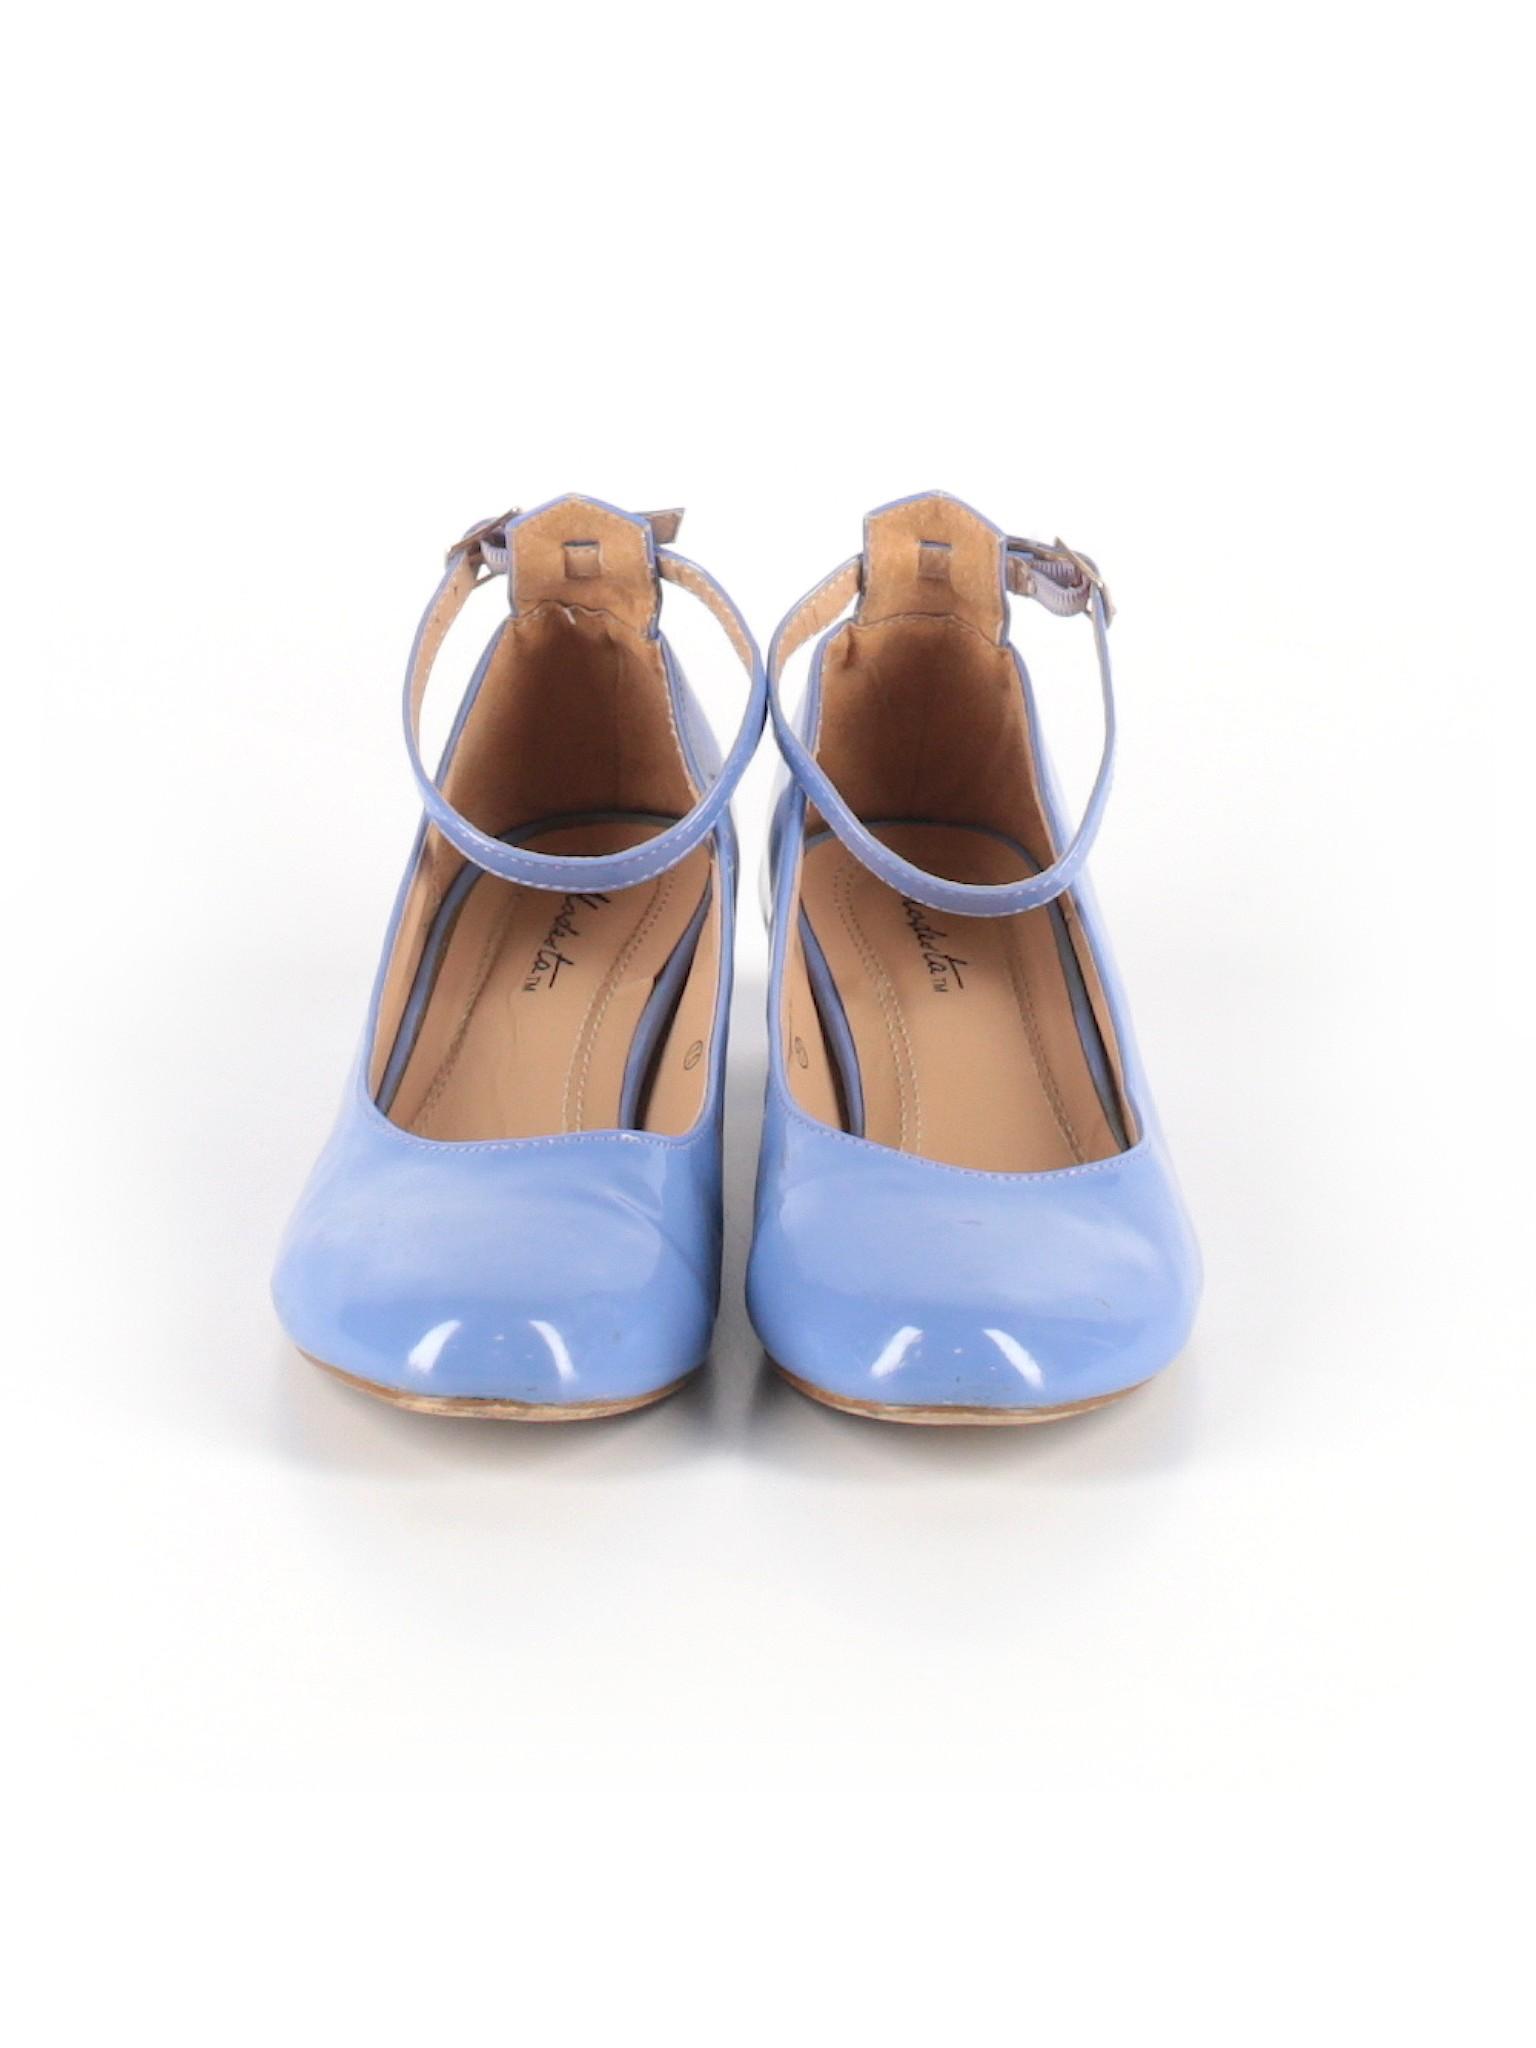 promotion Modesta Heels promotion Boutique Modesta Boutique Heels wqqTx01H